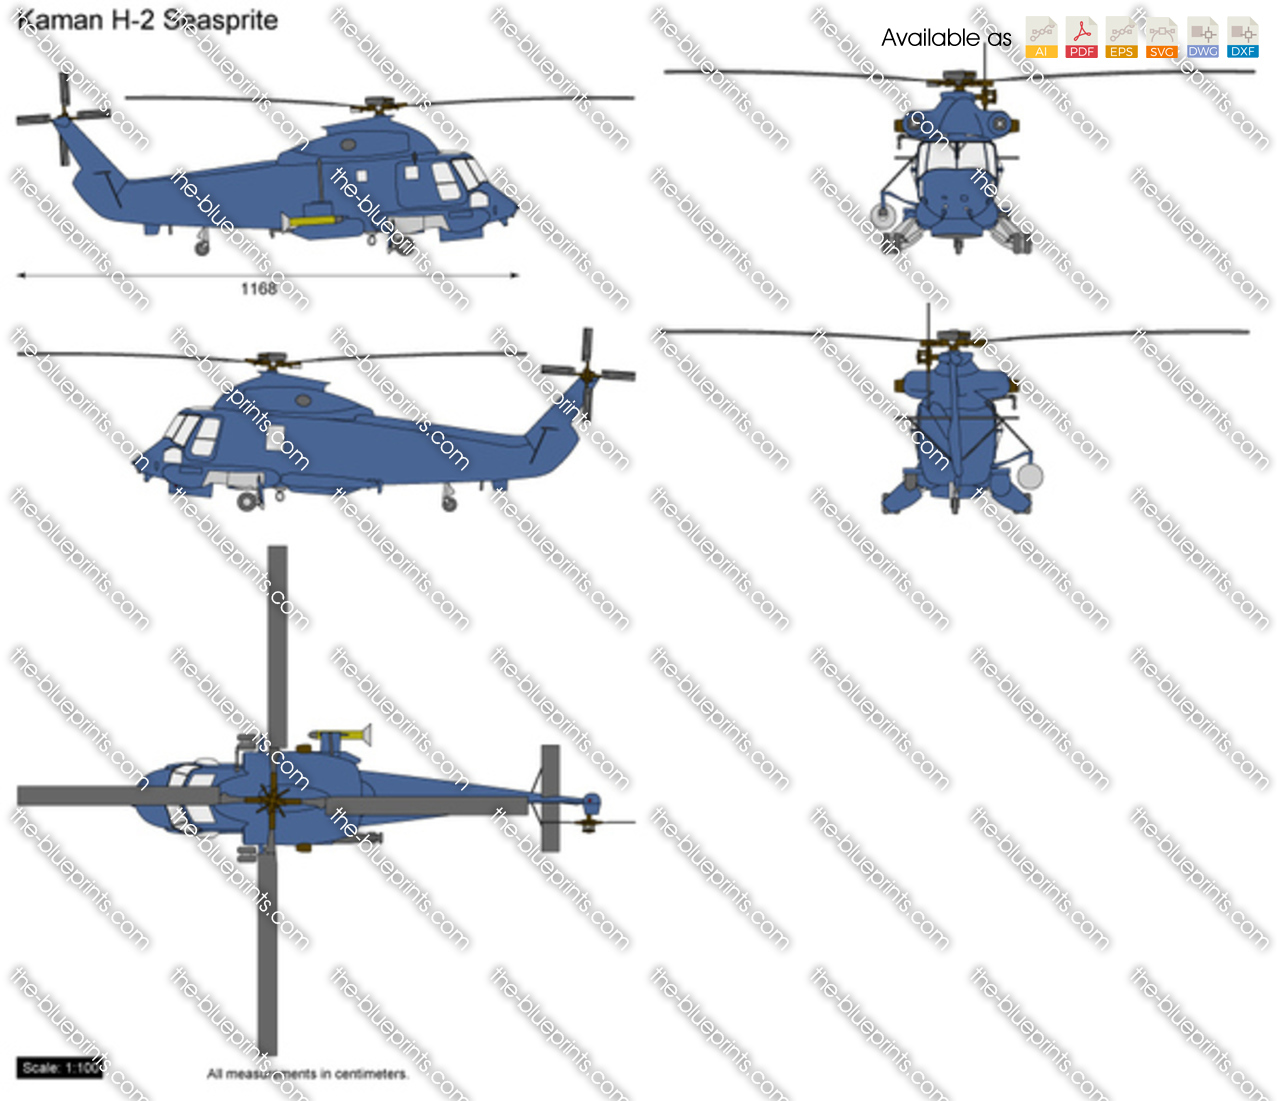 Kaman H-2 Seasprite